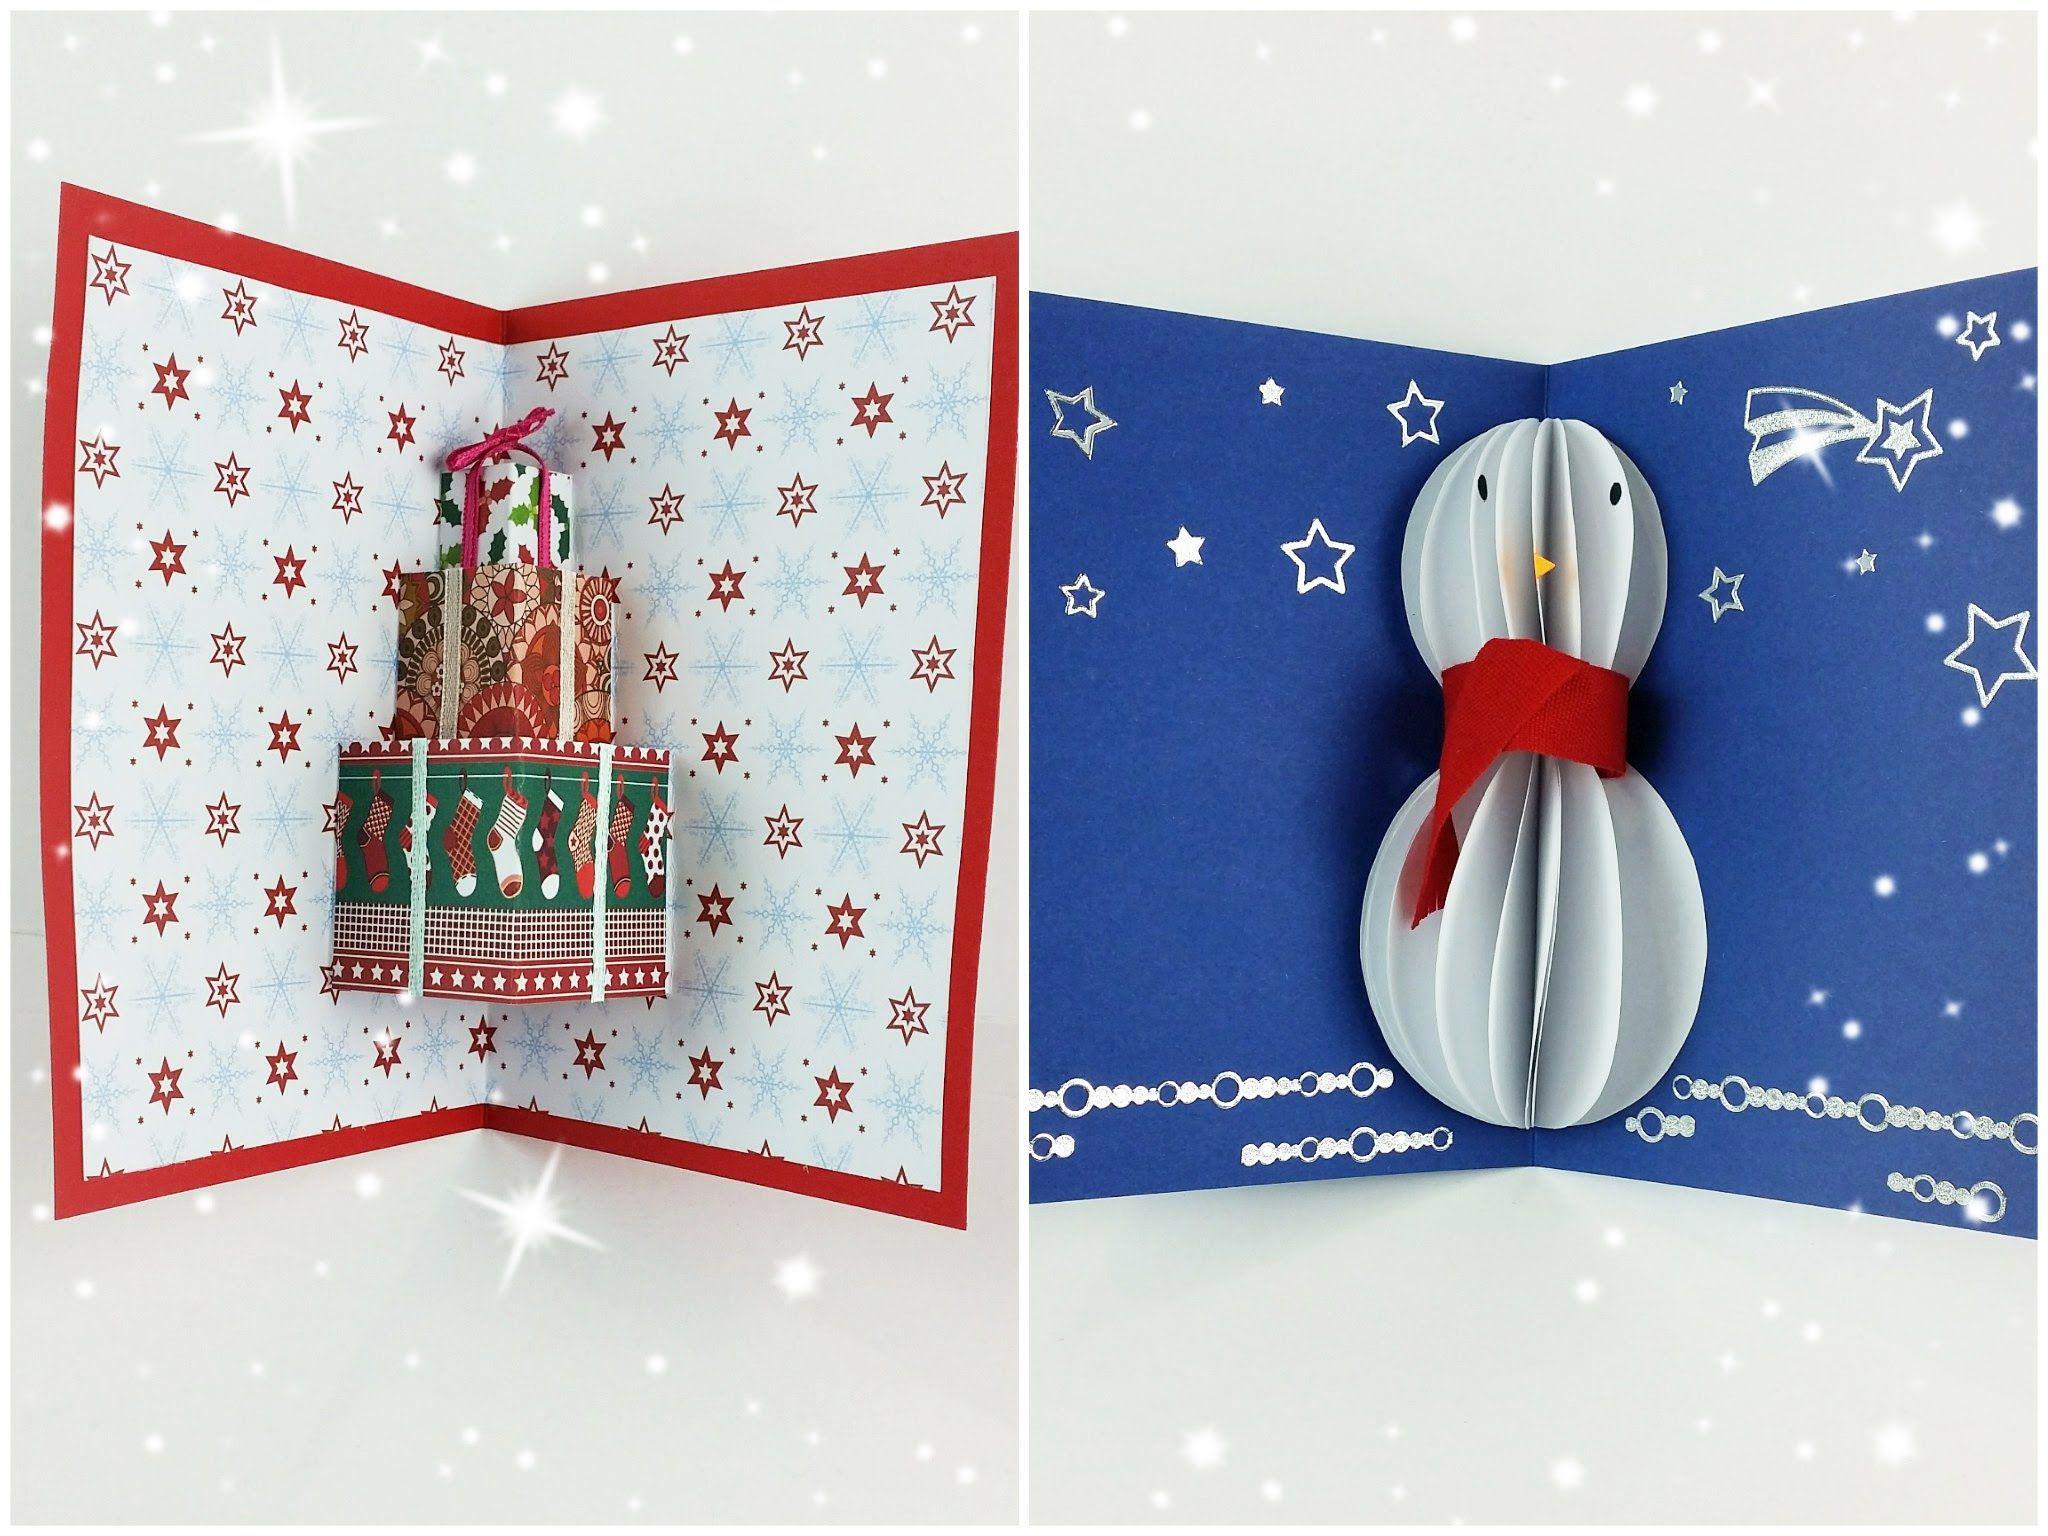 Lavoretti Di Natale Arte Per Te.Tutorial Biglietti D Auguri Pop Up Natalizi Collab Arte Per Te Artigianato Di Natale Fai Da Te Biglietti Auguri Natale Fai Da Te Biglietti Di Natale